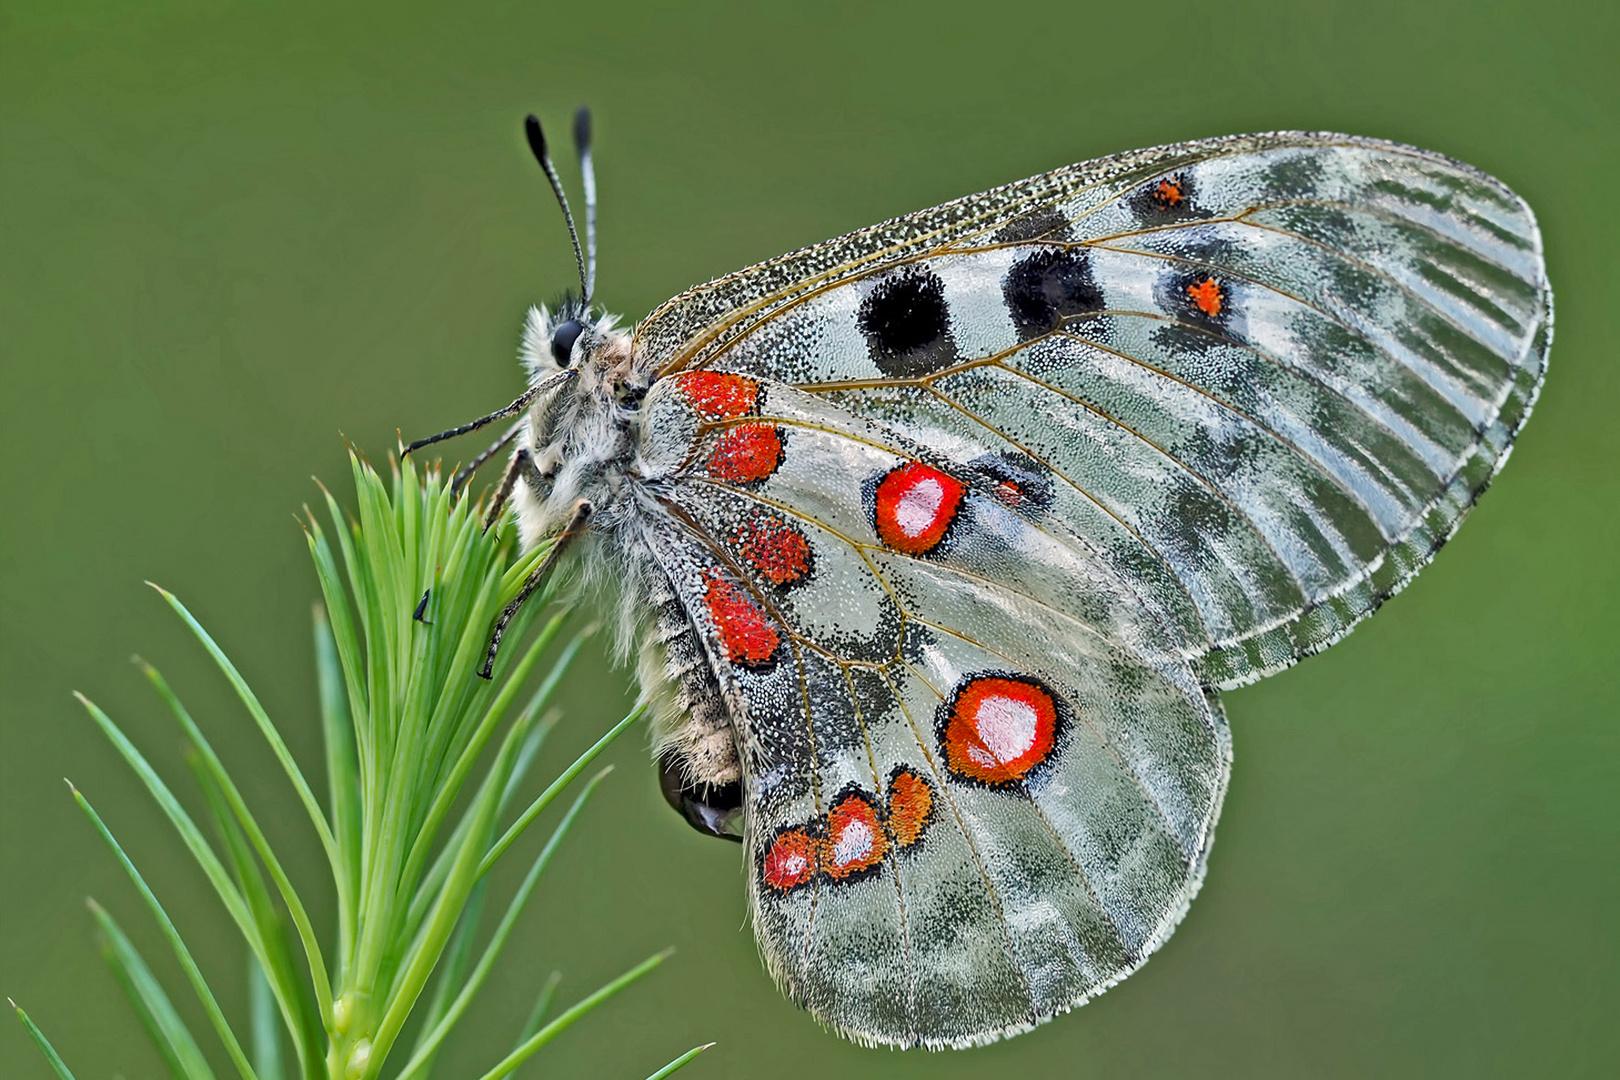 Roter Apollo (Parnassius apollo): Vorfreude auf wärmere Zeiten! - L'Apollon rouge!